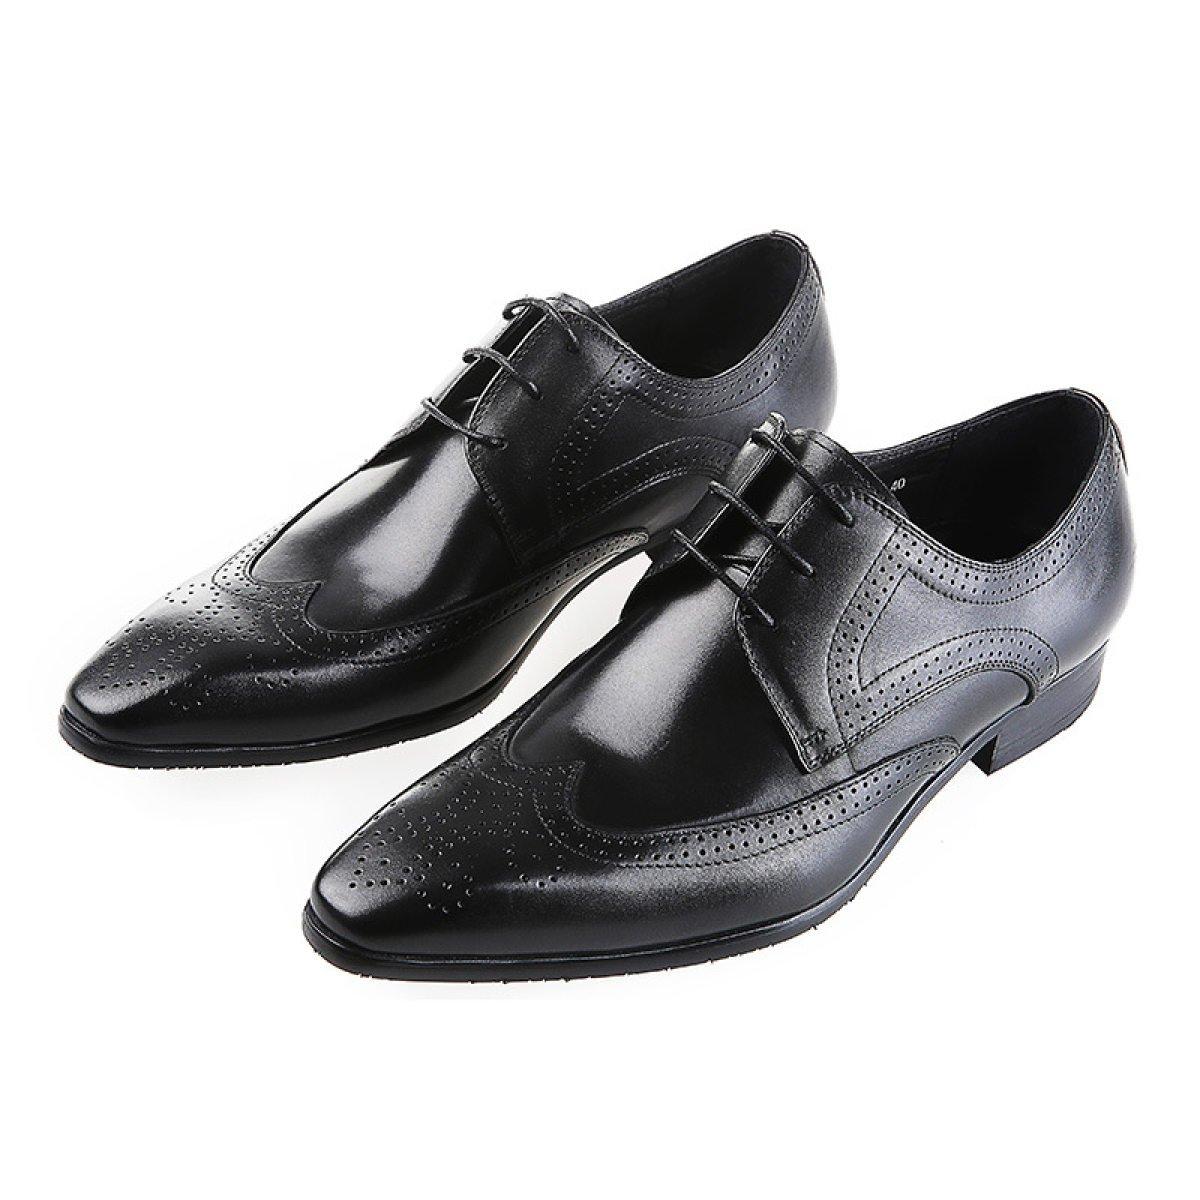 GTYMFH GTYMFH GTYMFH Zapatos Hombres Encajes Europa Y Estados Unidos Moda Vestido Zapatos De Trabajo 3337e4